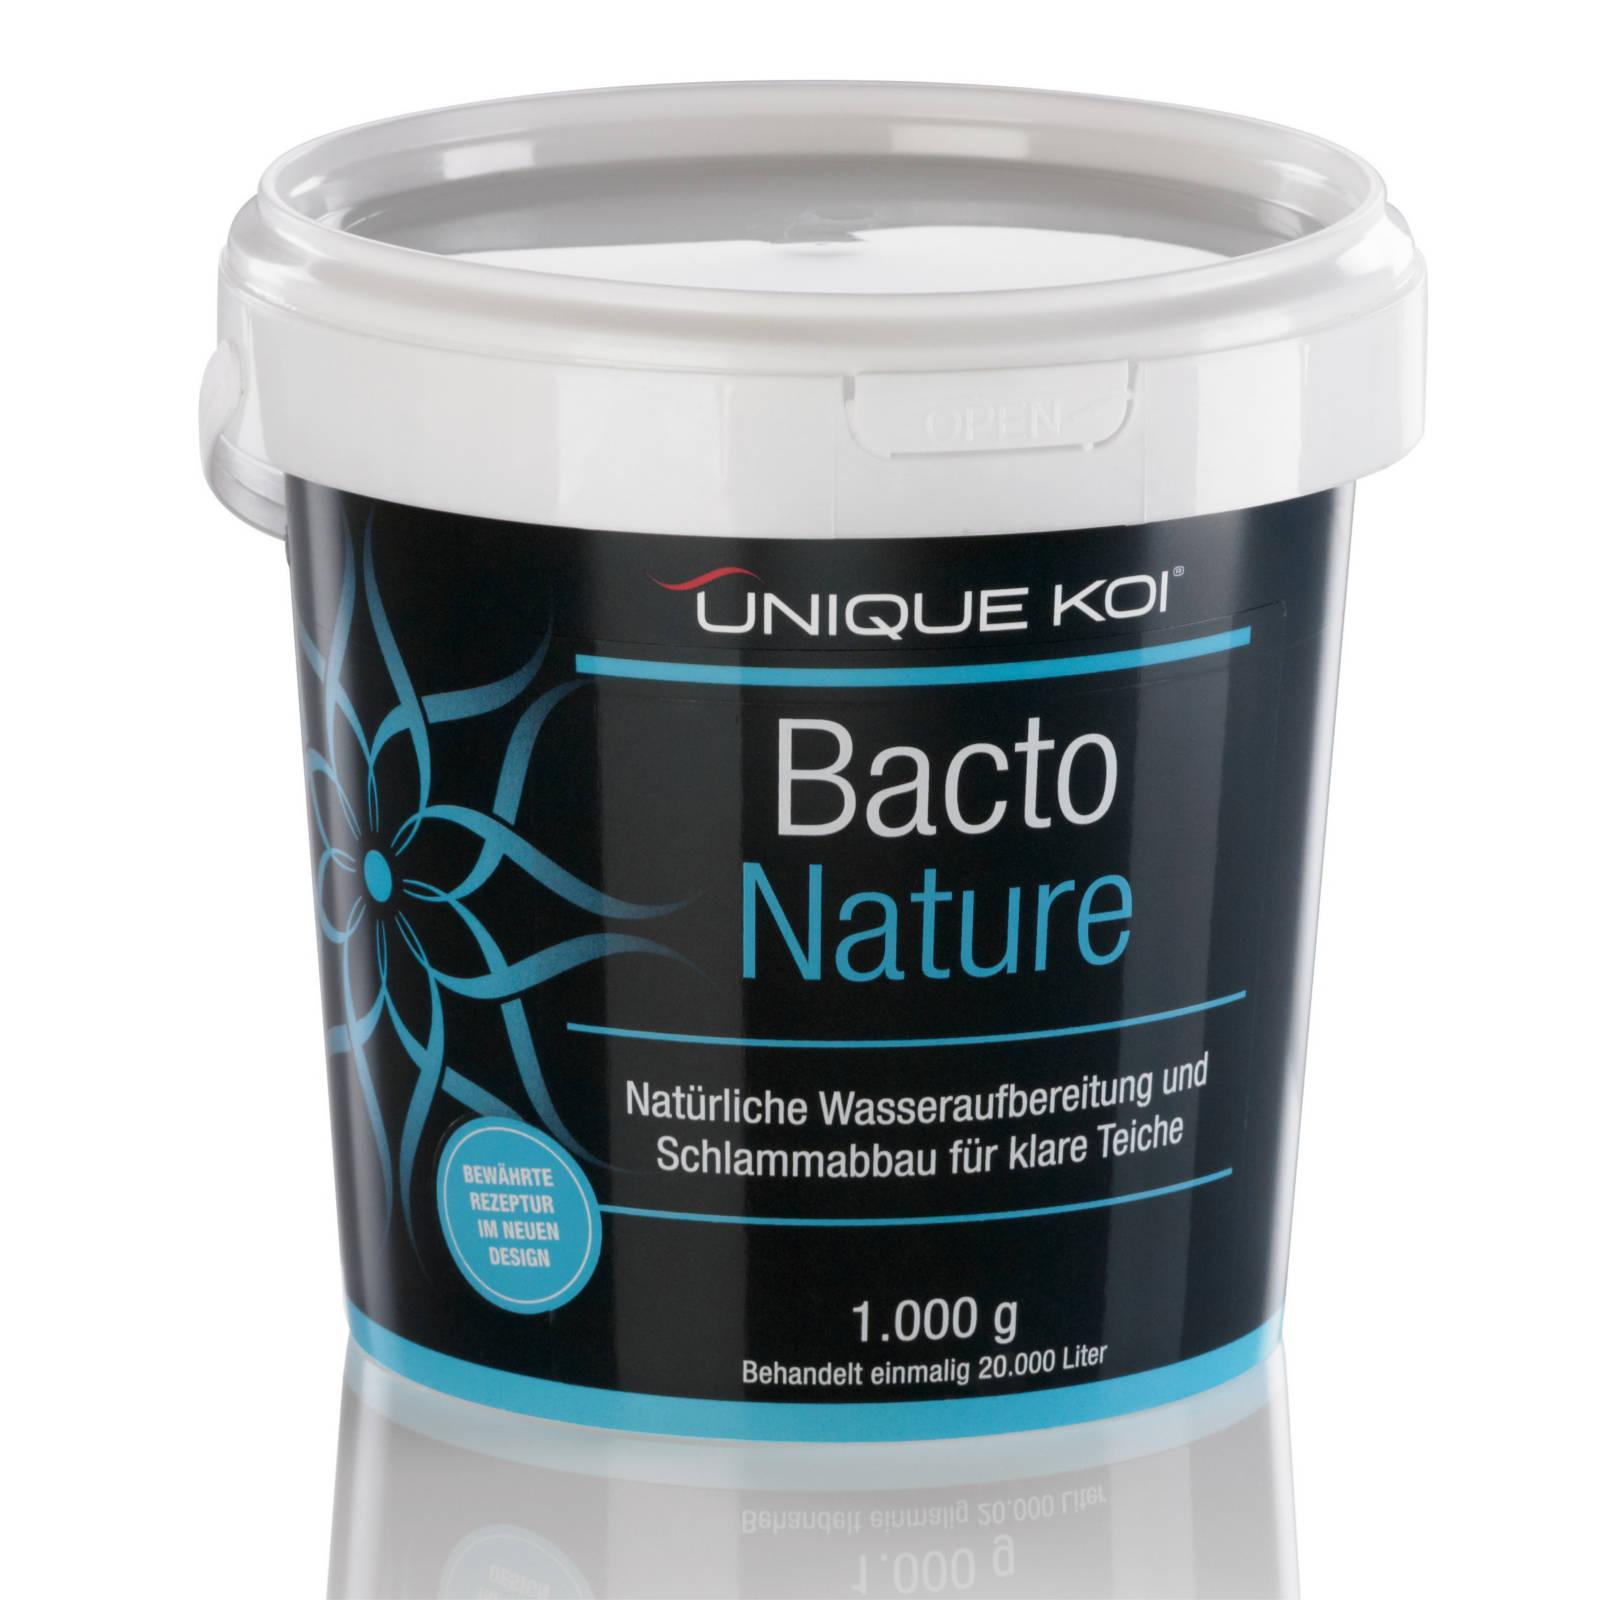 Unique Koi Bacto Nature Natürliche Wasseraufbereitung und Schlammabbau für klare Teiche 1000g für 20